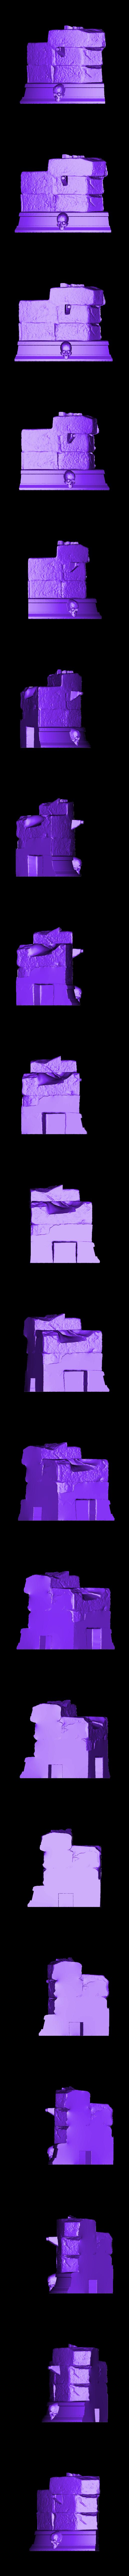 base1.stl Télécharger fichier STL TUEUR À GAGES • Objet à imprimer en 3D, freeclimbingbo